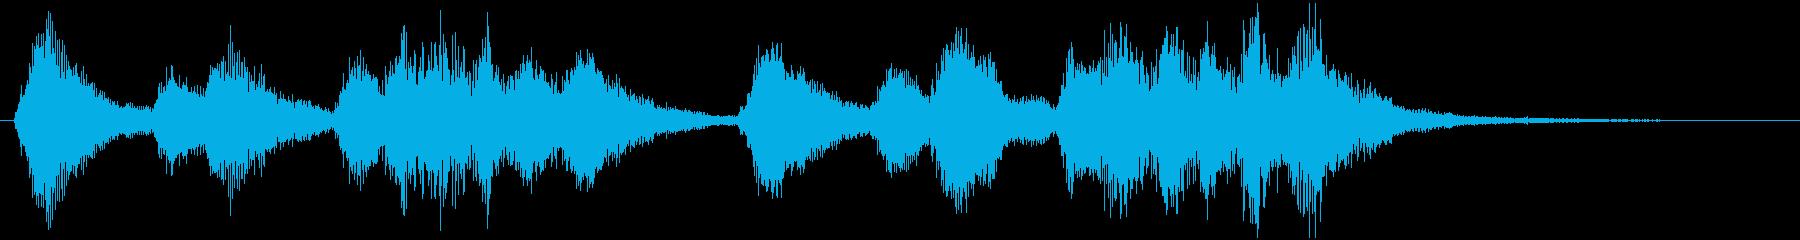 アイネ・クライネ・ナハトムジーク(冒頭)の再生済みの波形